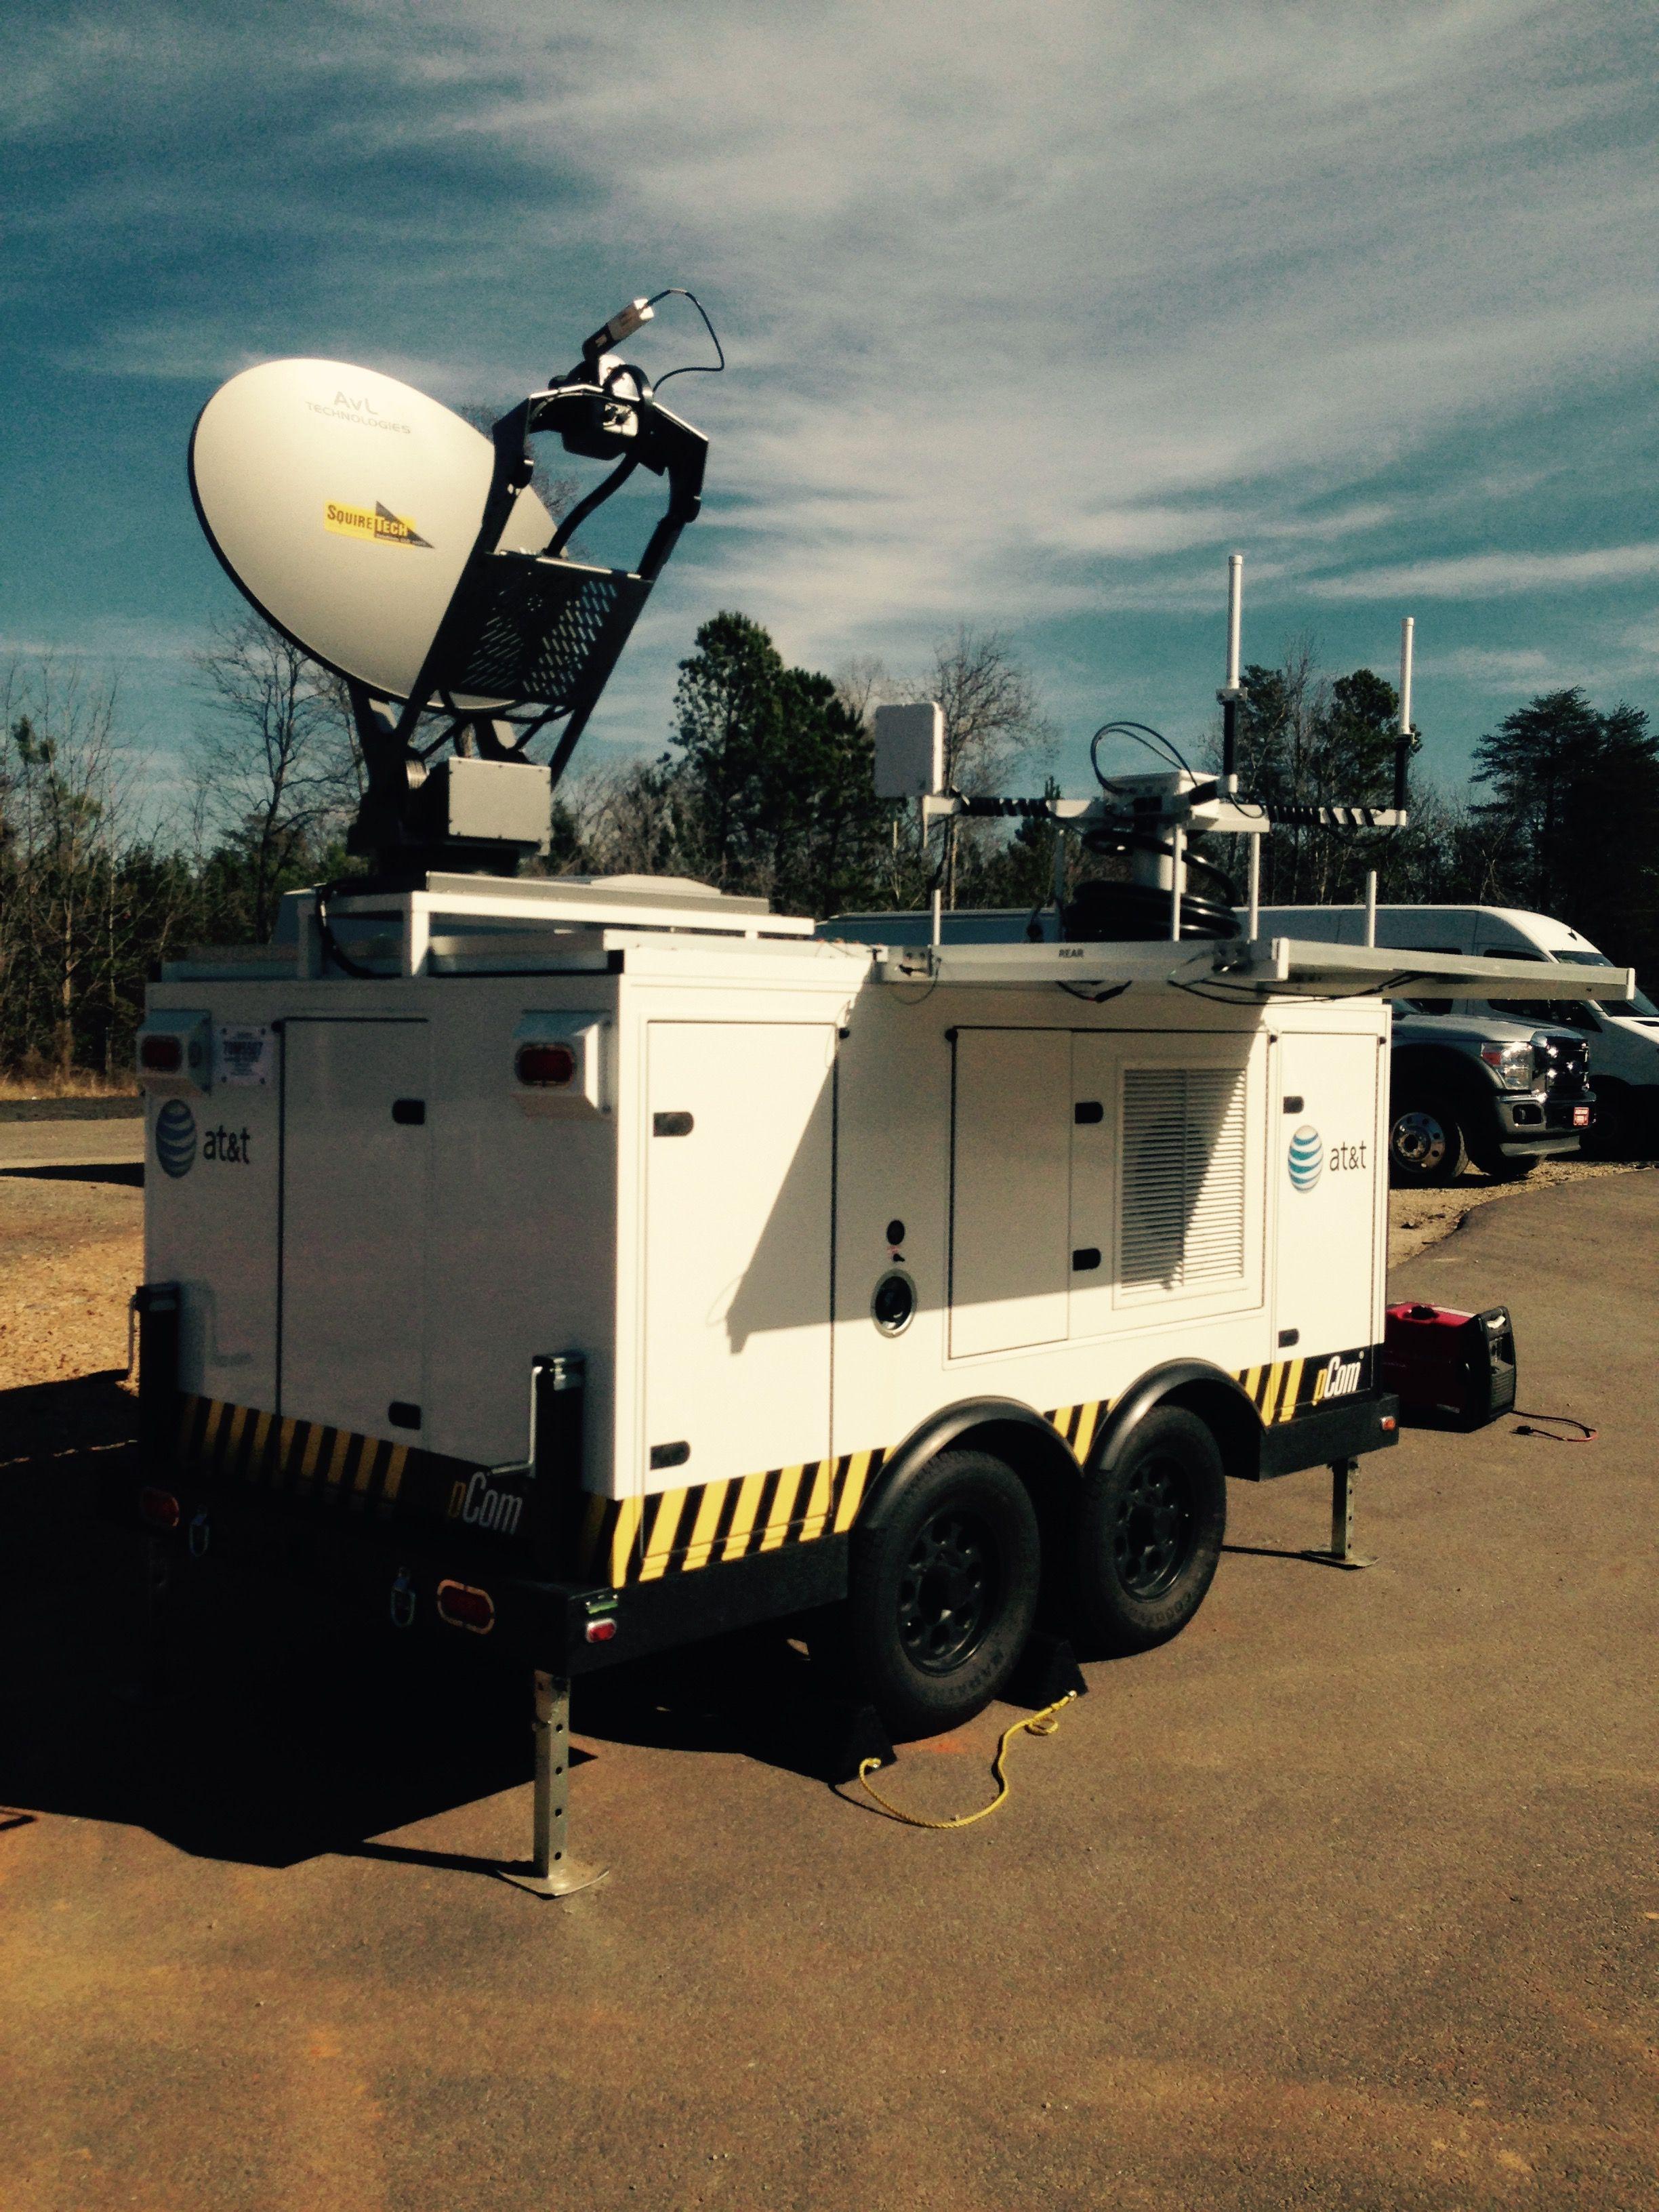 pCom VSAT Satellite Internet Cellular communications Trailer for Fast mobile response.